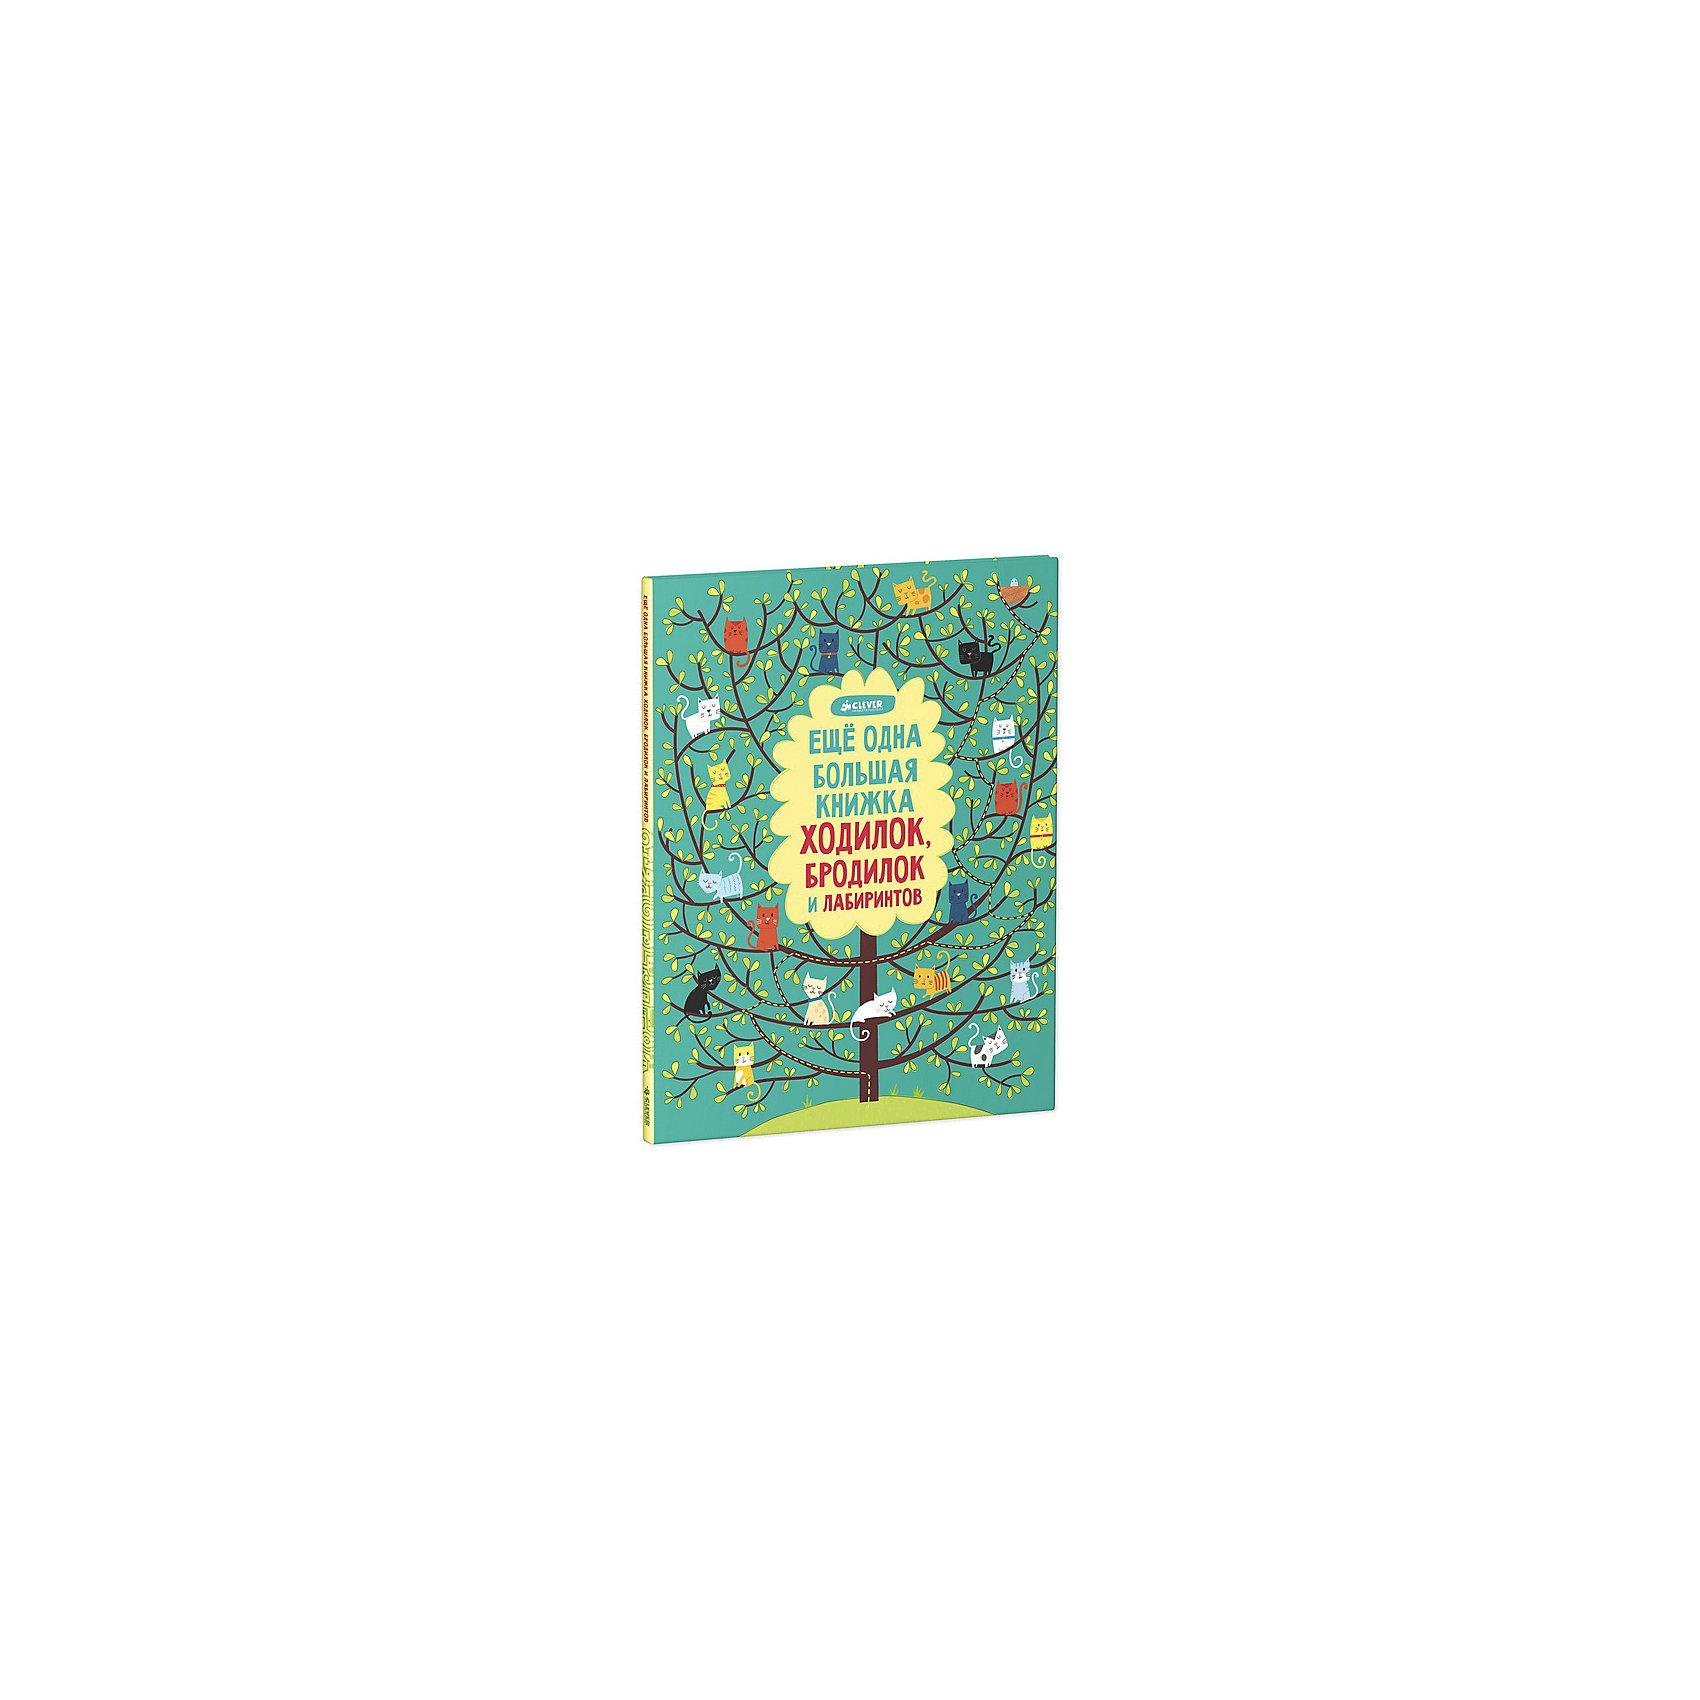 Clever Еще одна большая книжка ходилок, бродилок и лабиринтов раскраски clever большая книжка по цифрам